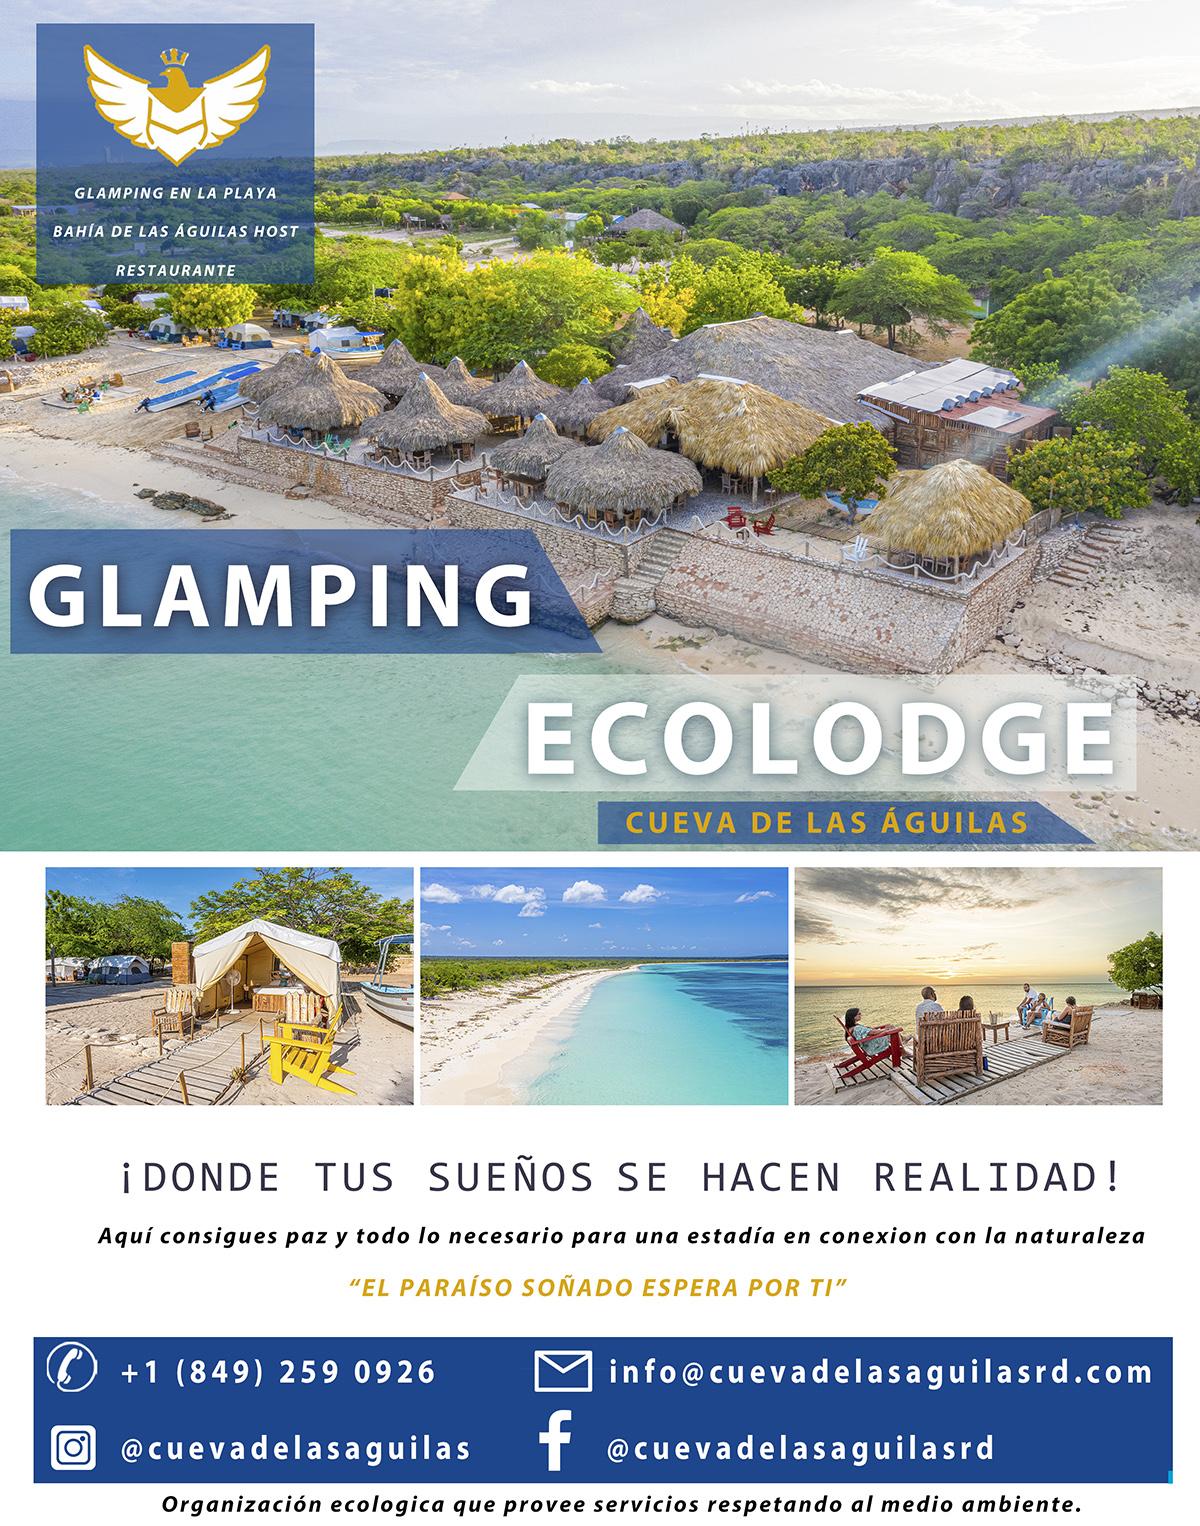 Glamping EcoLodge Cueva De Las Águilas